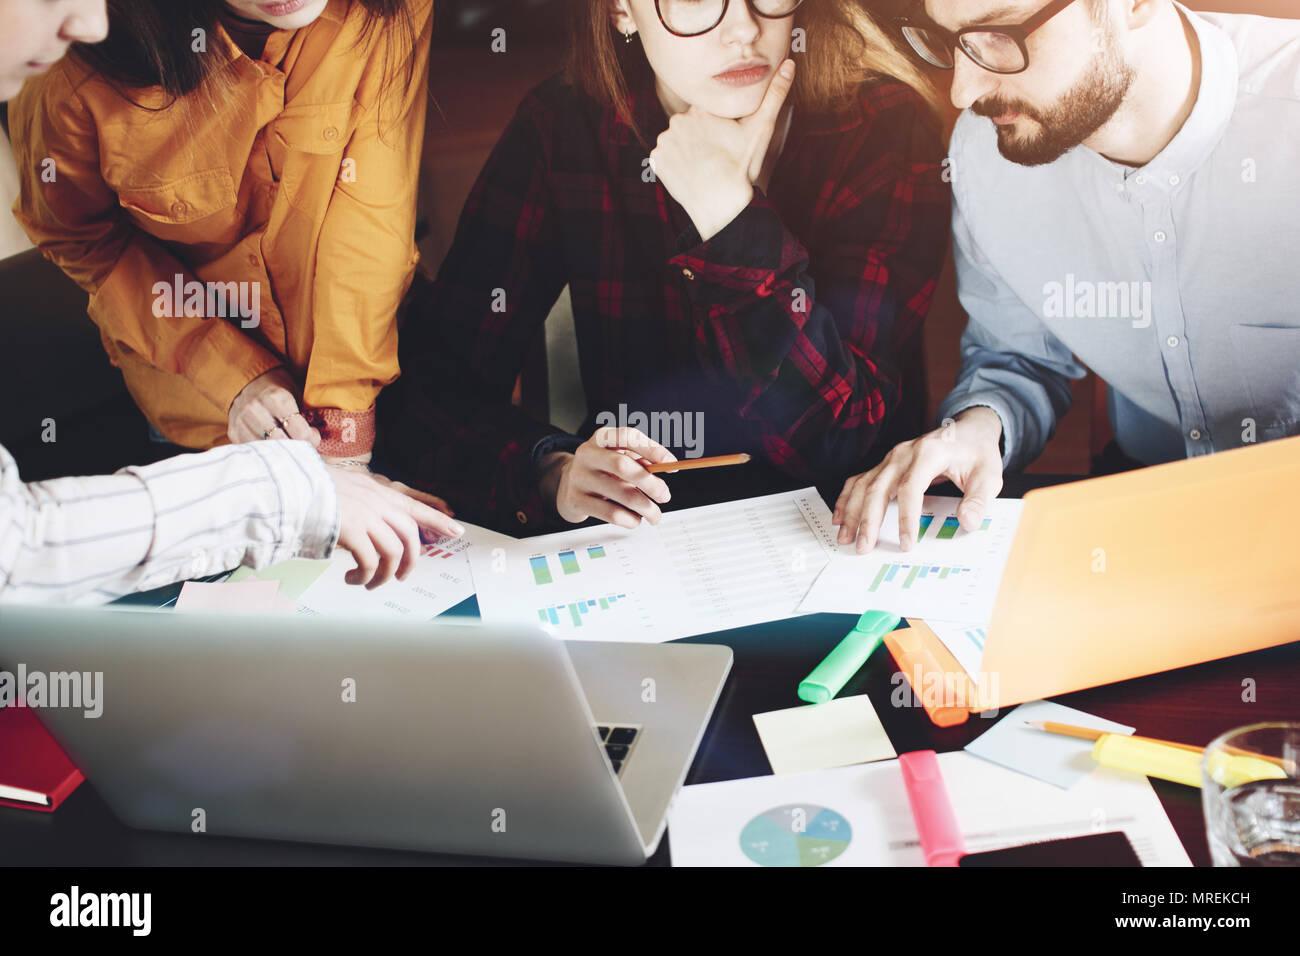 Manos humanas con papel, gadget y portátil durante el debate en la moderna oficina loft Imagen De Stock